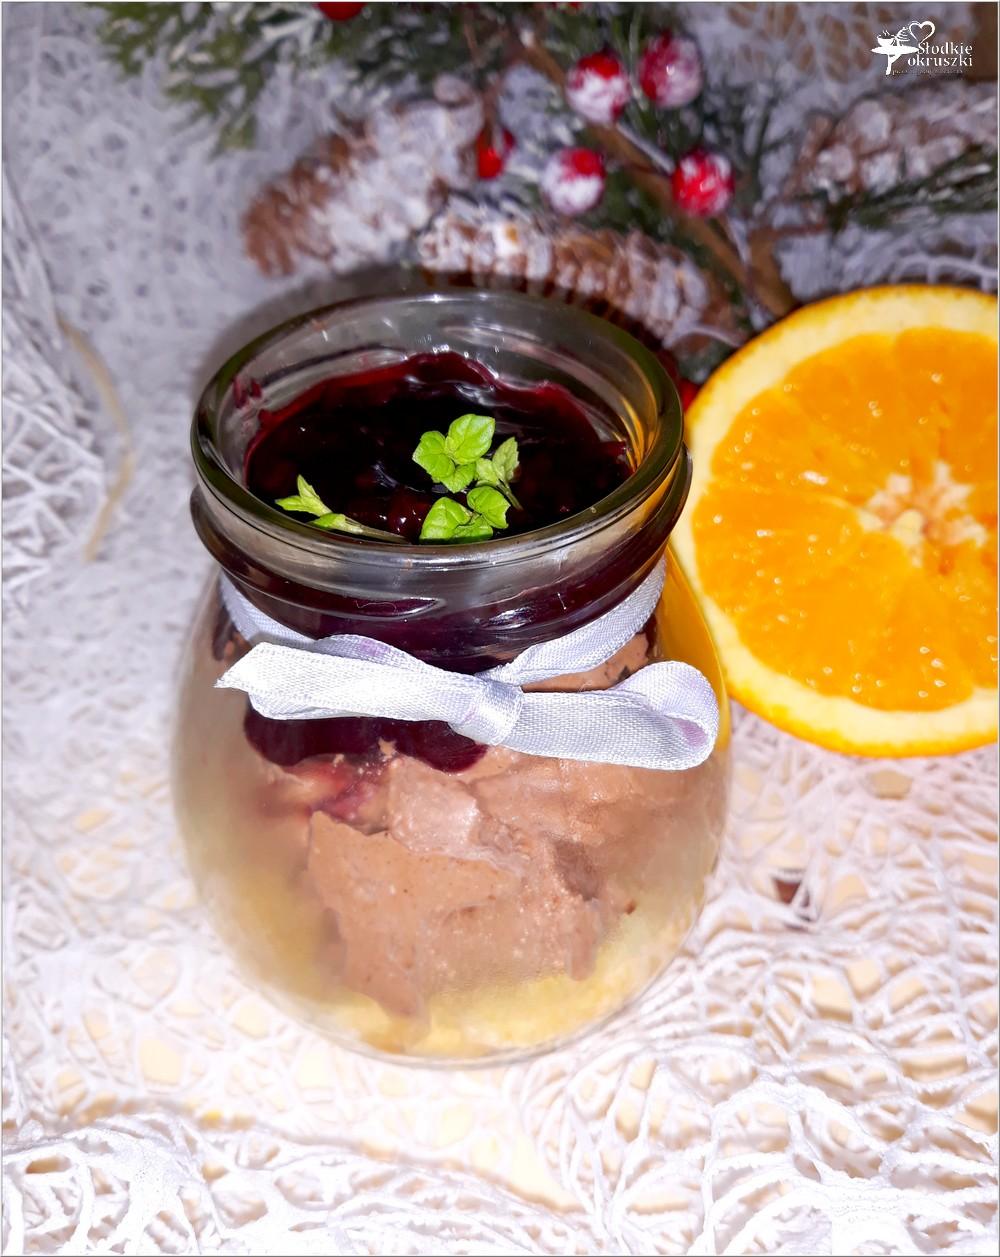 Piernikowy krem z świąteczną porzeczką (1)